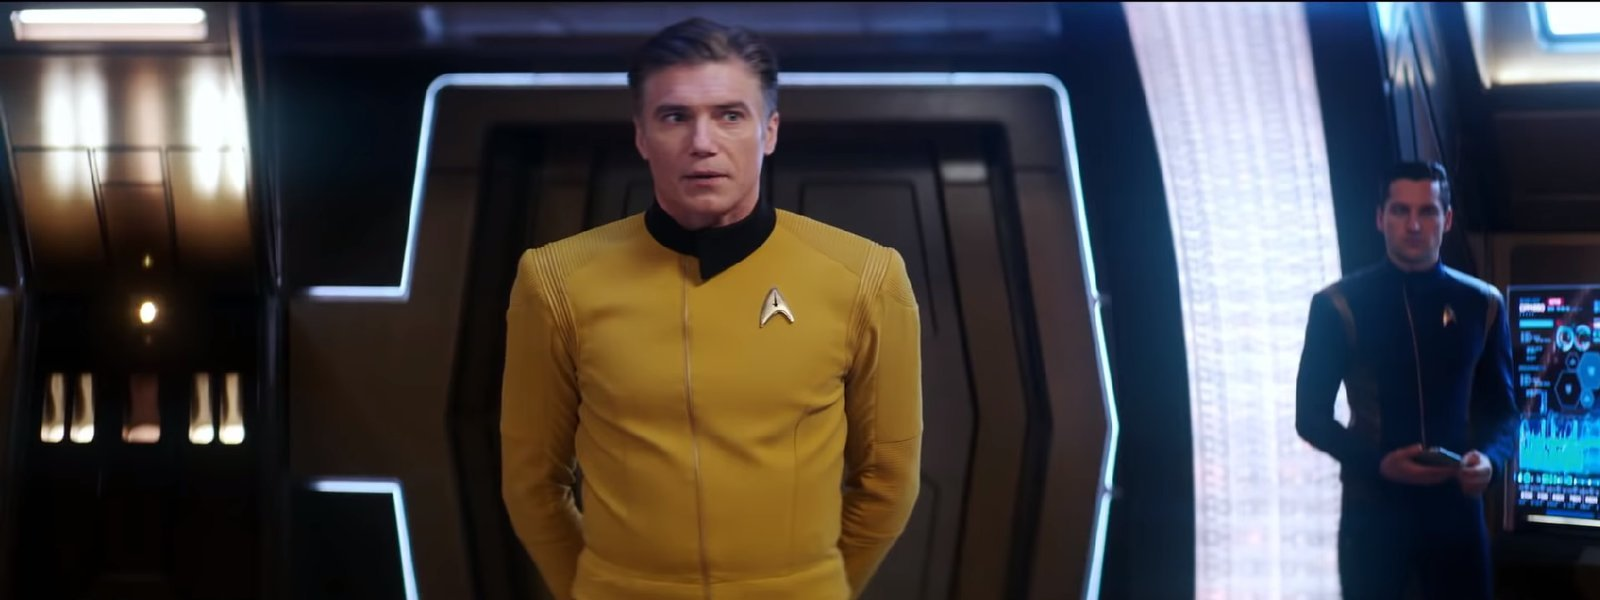 Captain Pike Star Trek Anson Mount